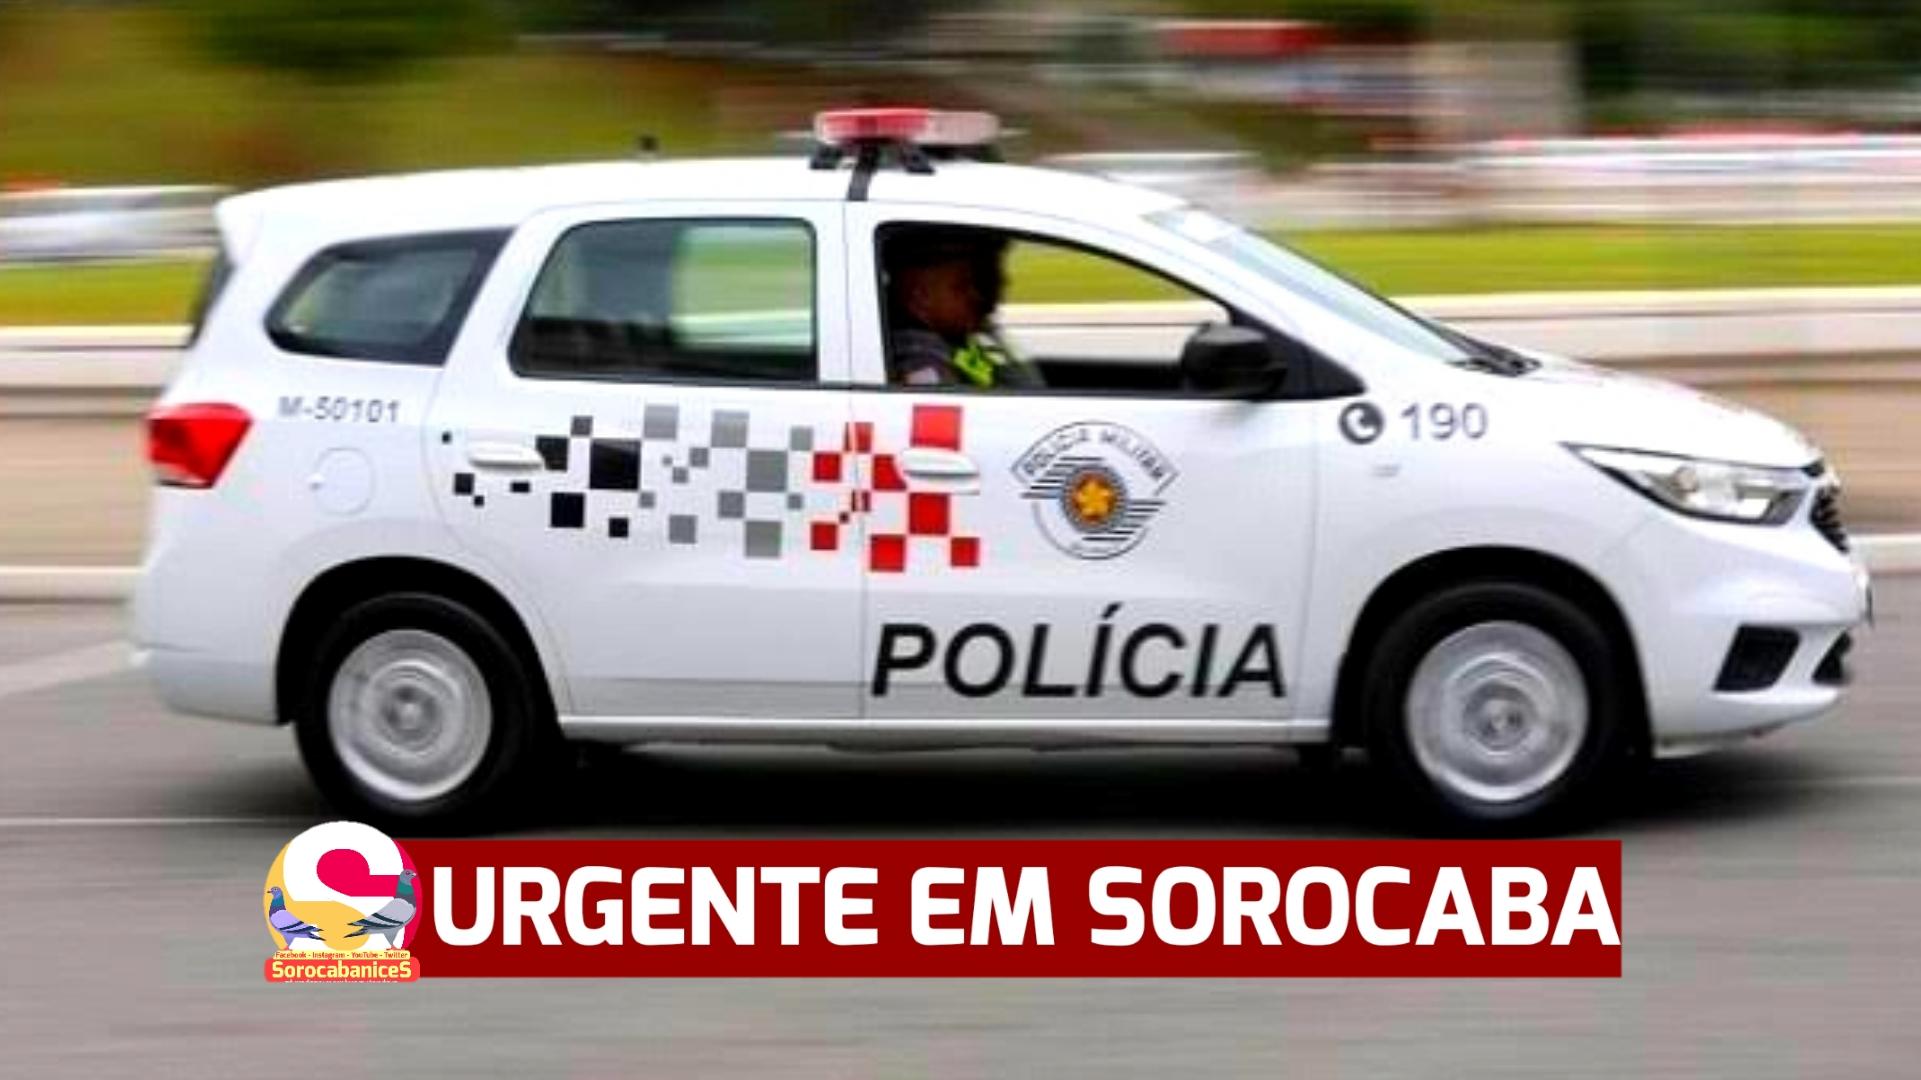 Bandido com carro roubado morre em troca de tiros com a polícia em Sorocaba